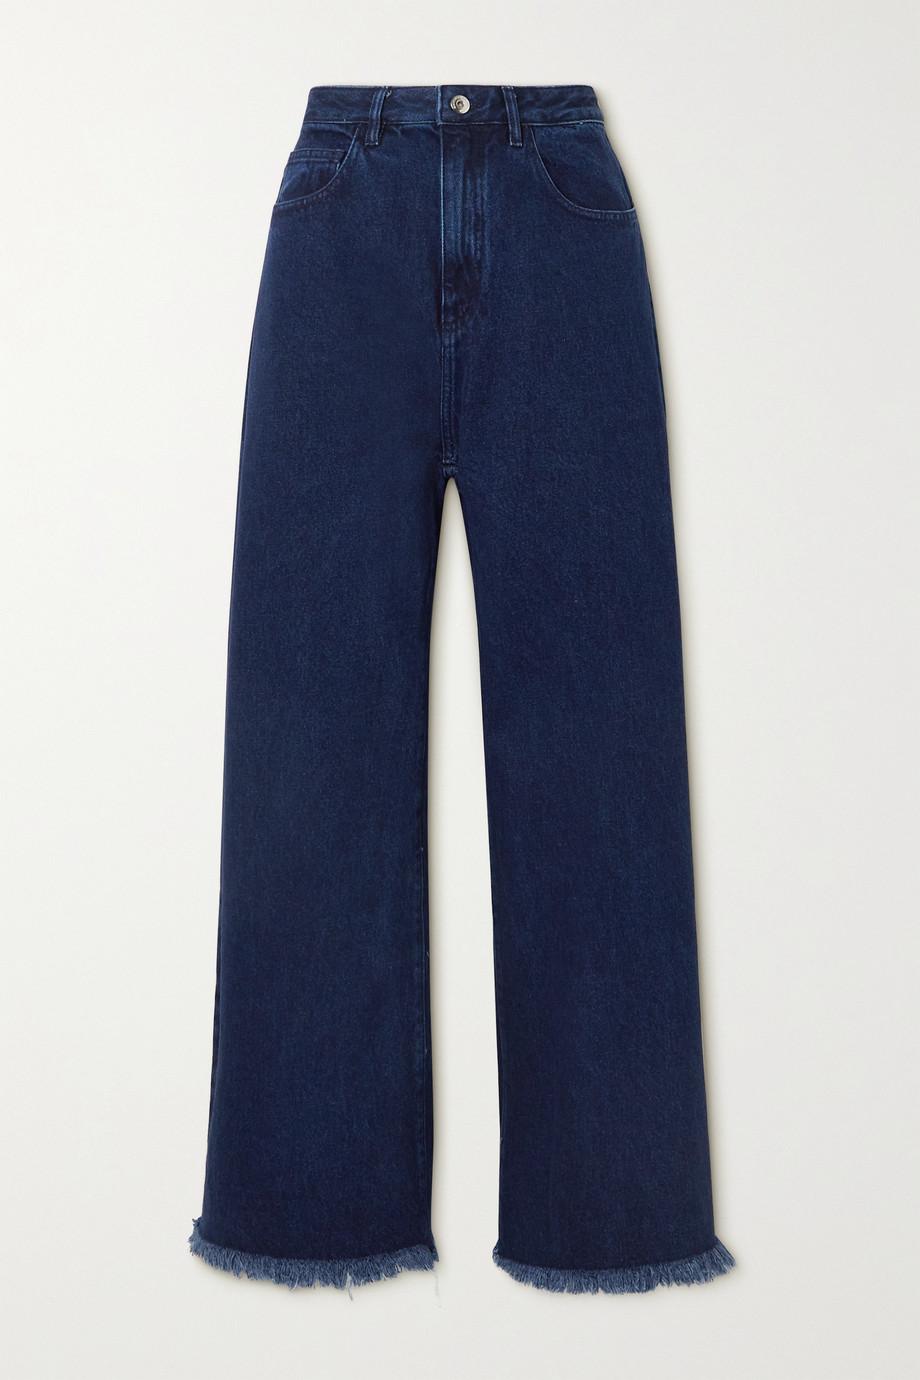 Marques' Almeida Frayed boyfriend jeans